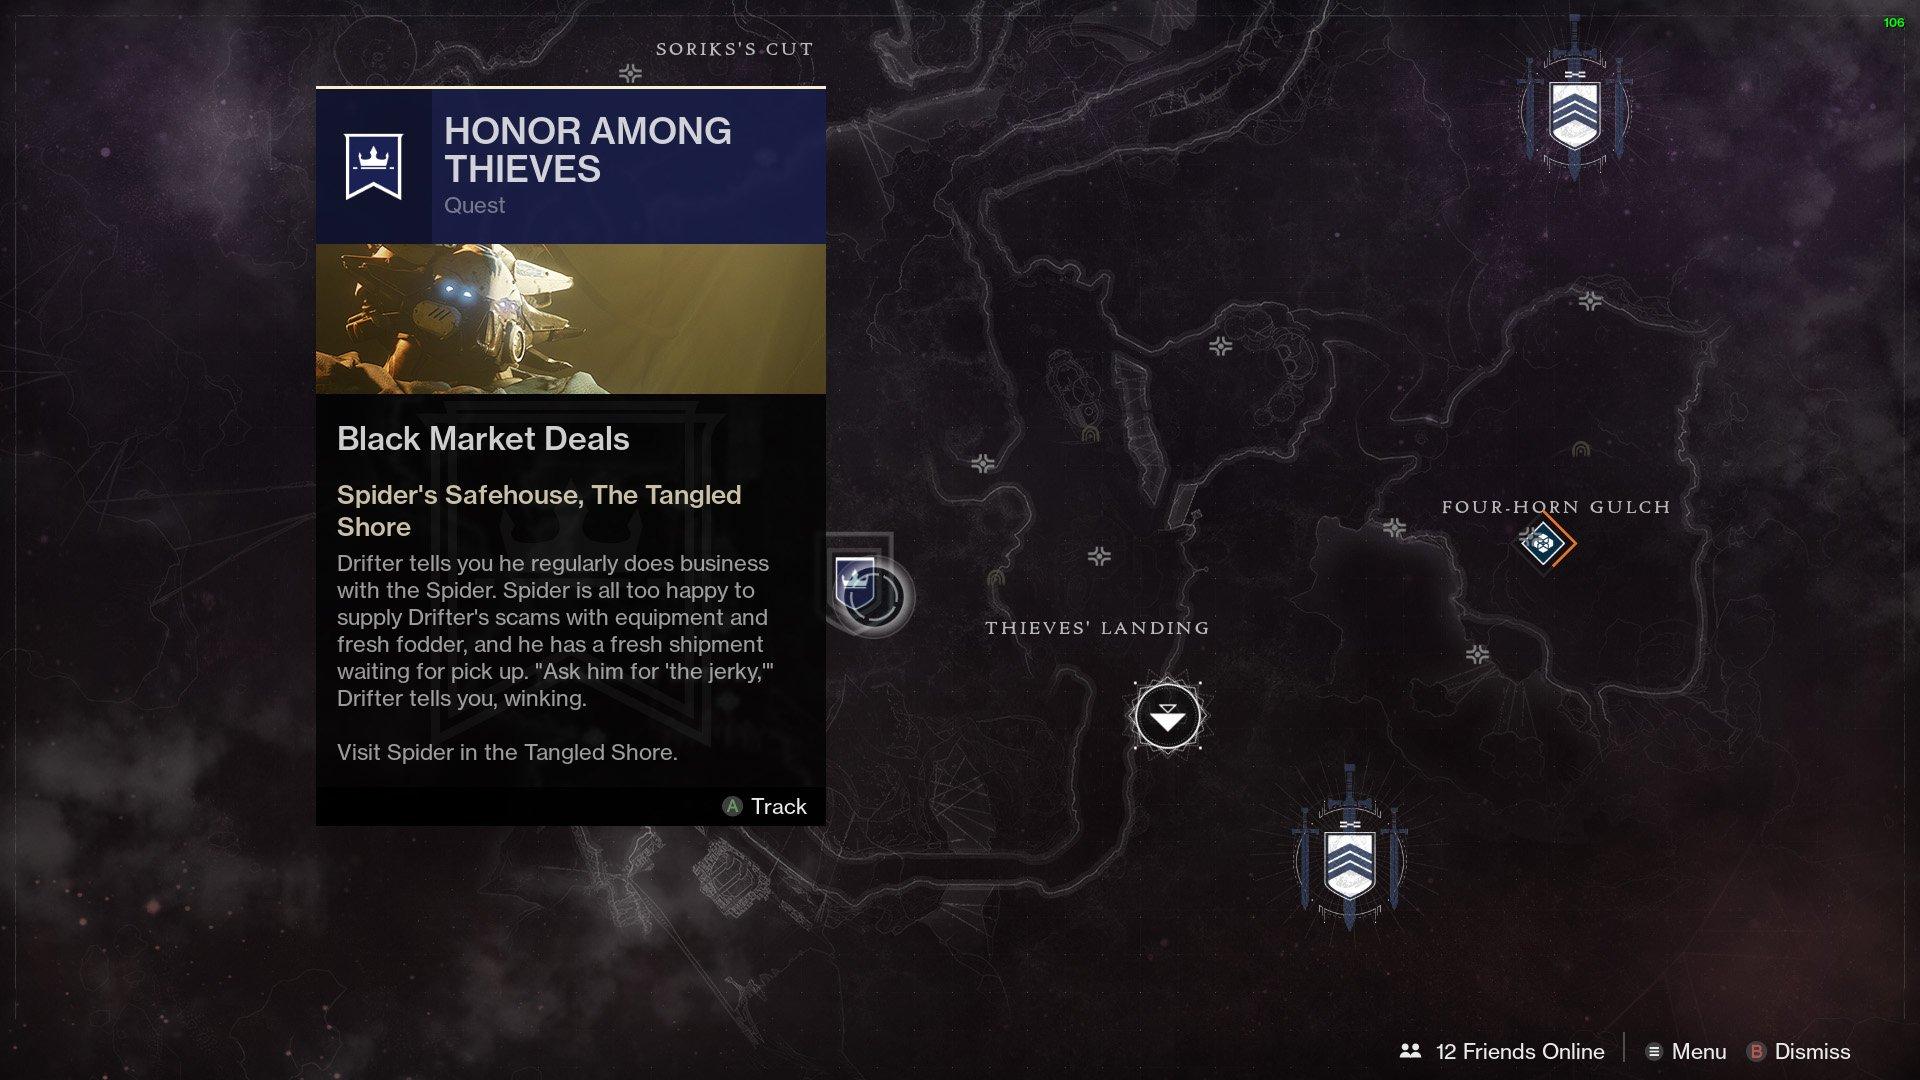 Destiny 2 Allegiance Drifter Black Market Deals